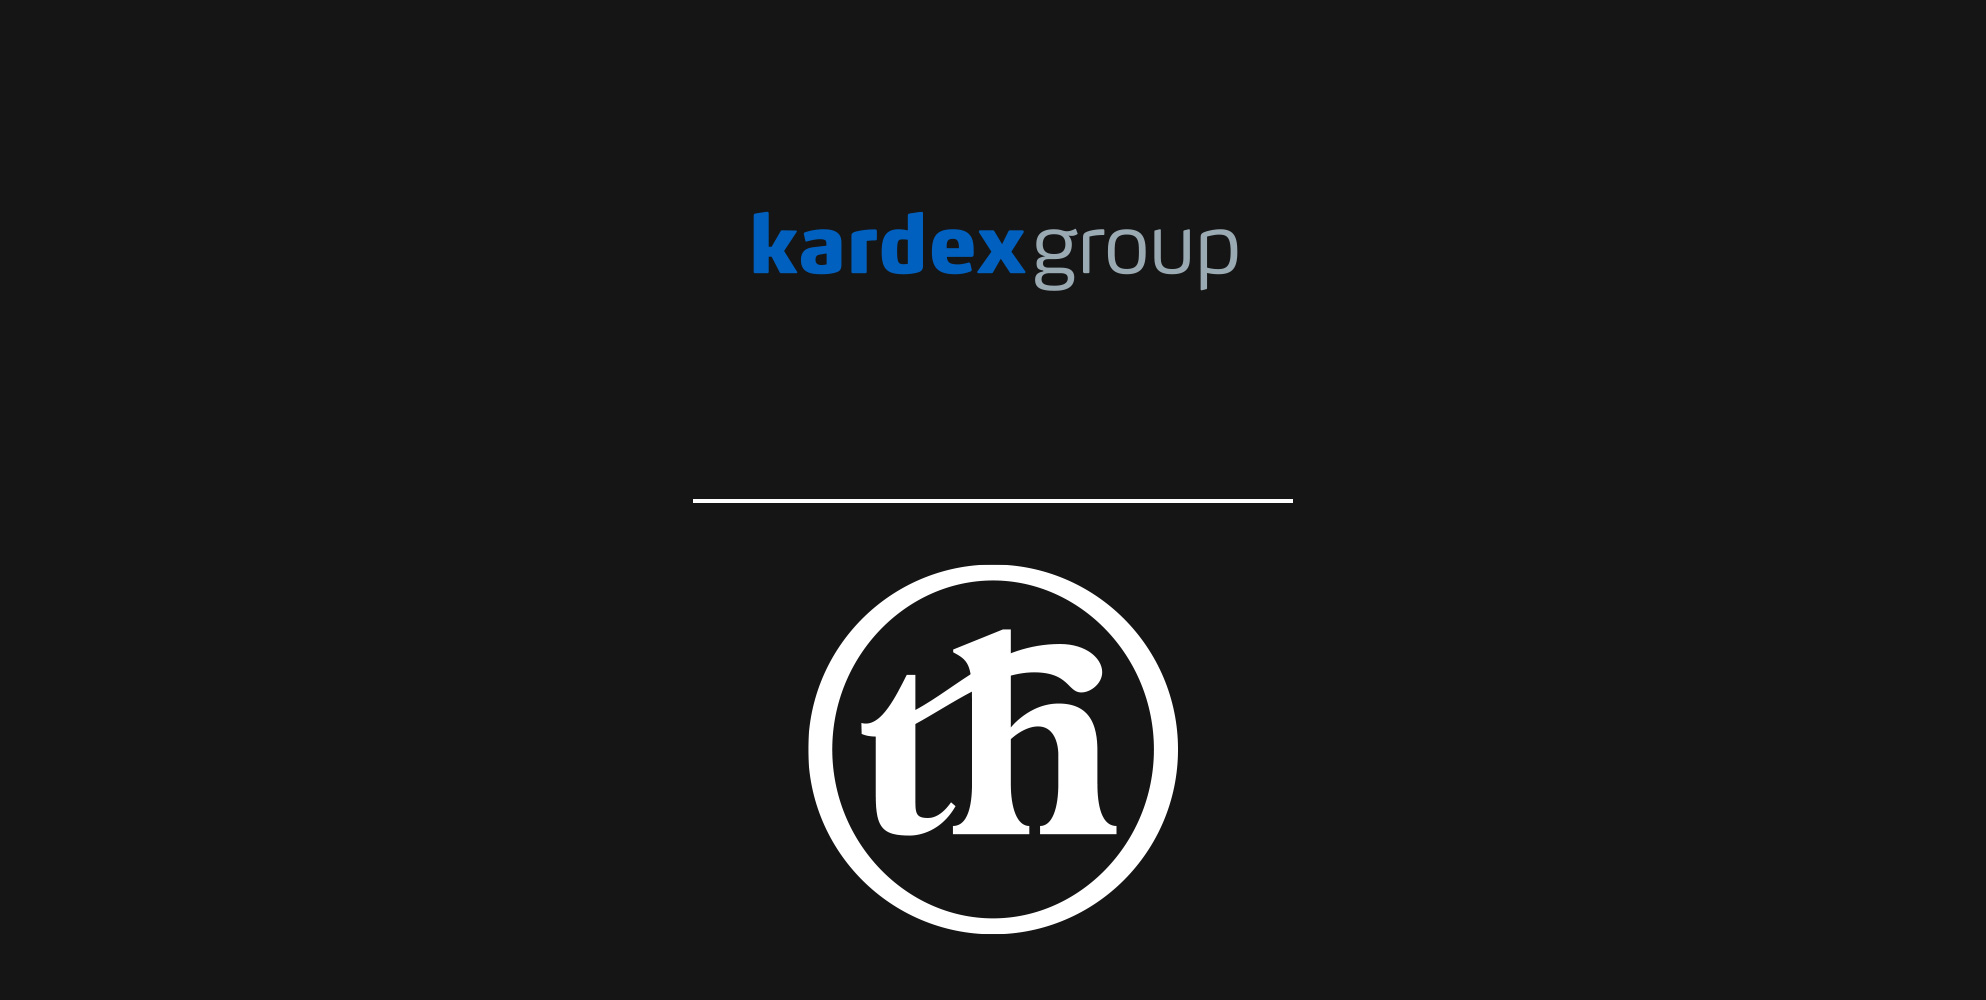 Brand-Engineering für die Kardex Gruppe